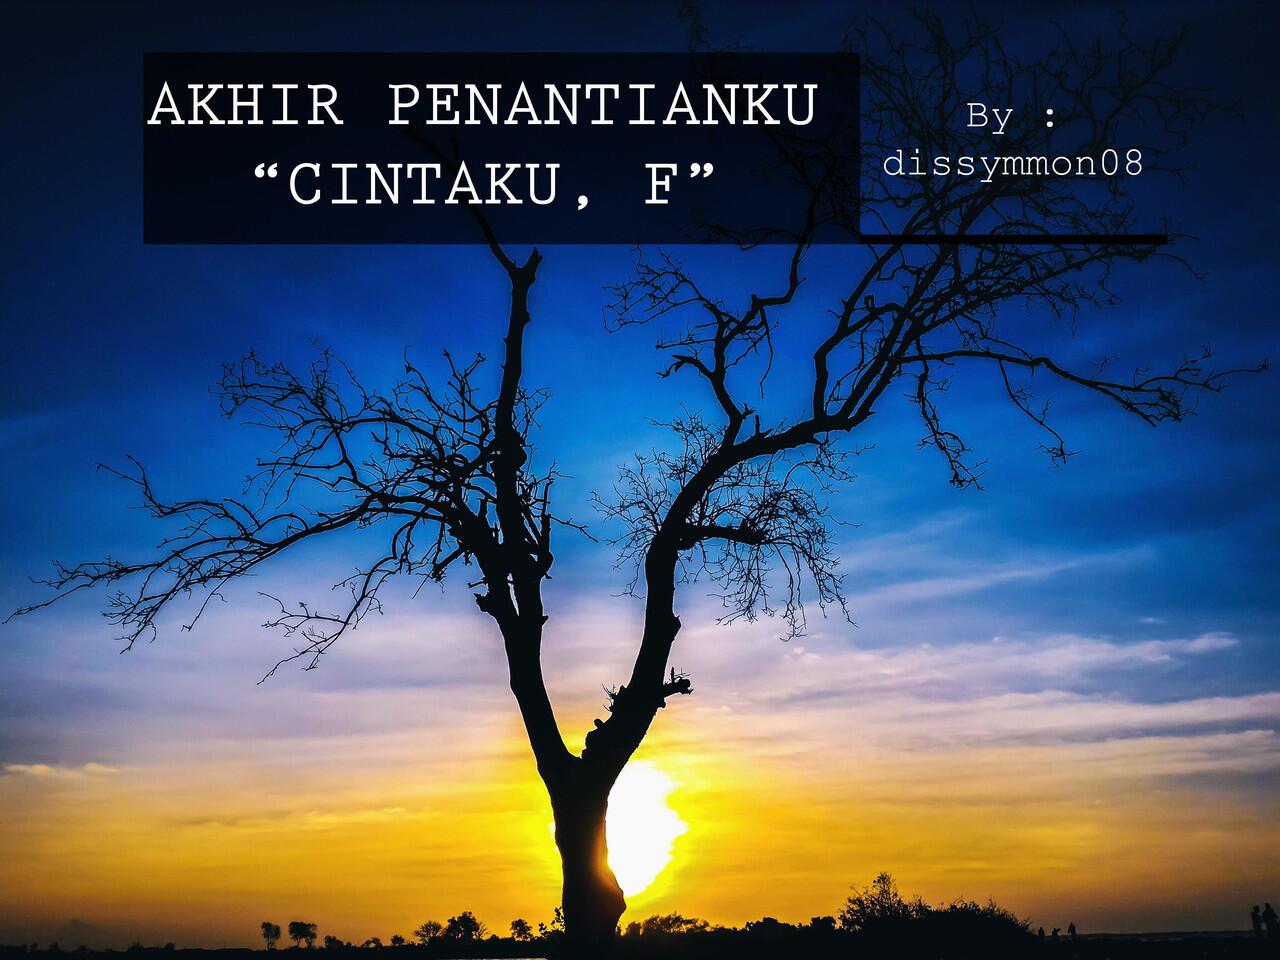 AKHIR PENANTIANKU (JILID III) [18+] [TRUE STORY]